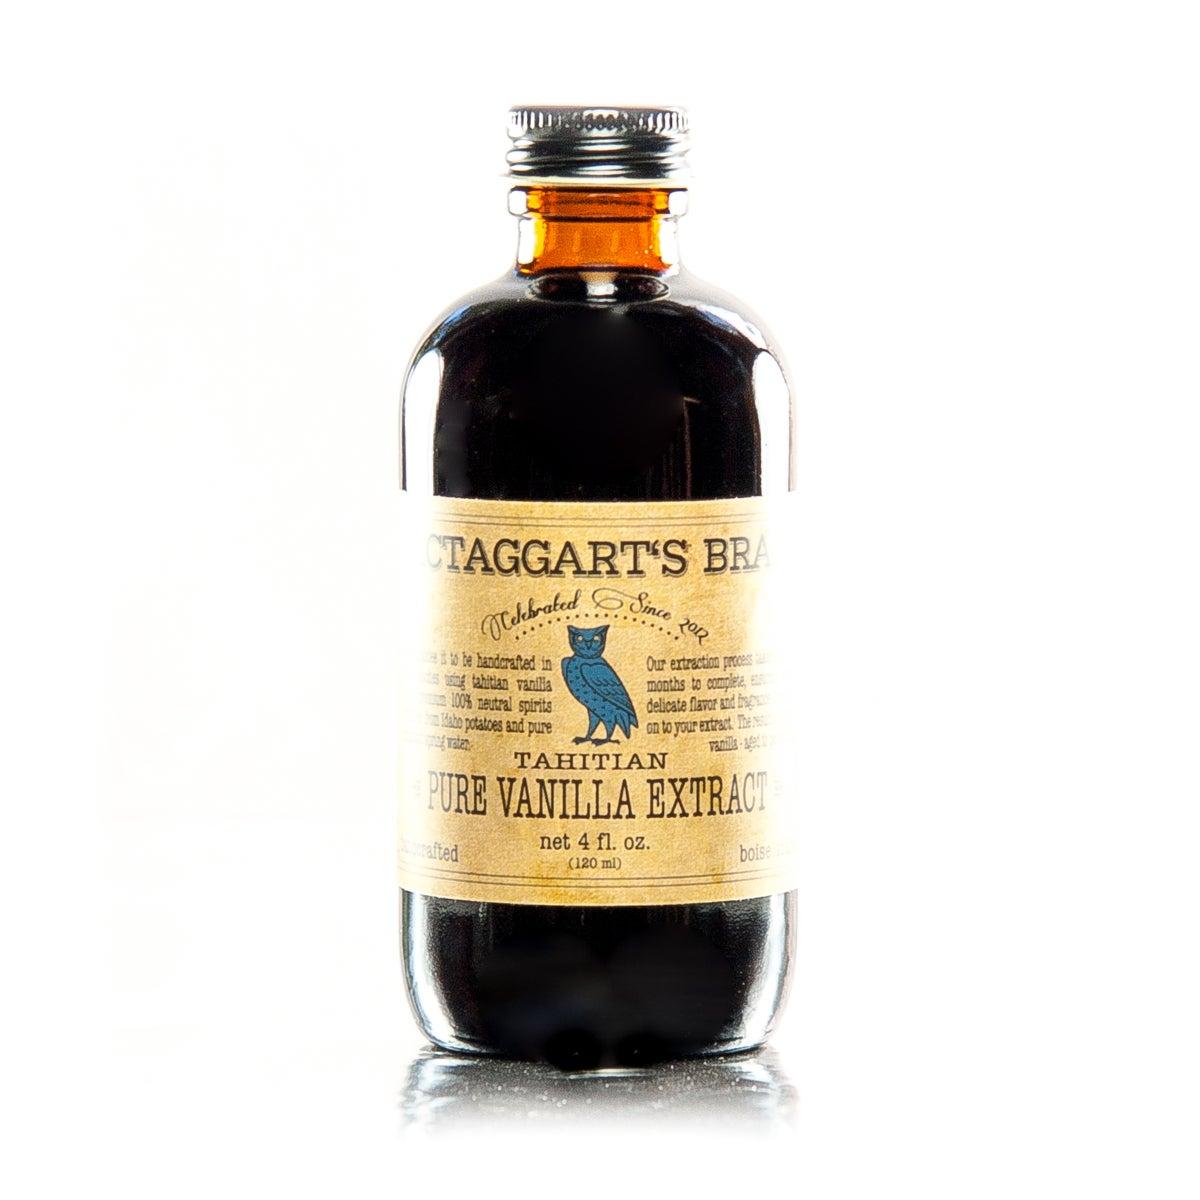 Pure Tahitian Vanilla Extract / MacTaggart's Brand